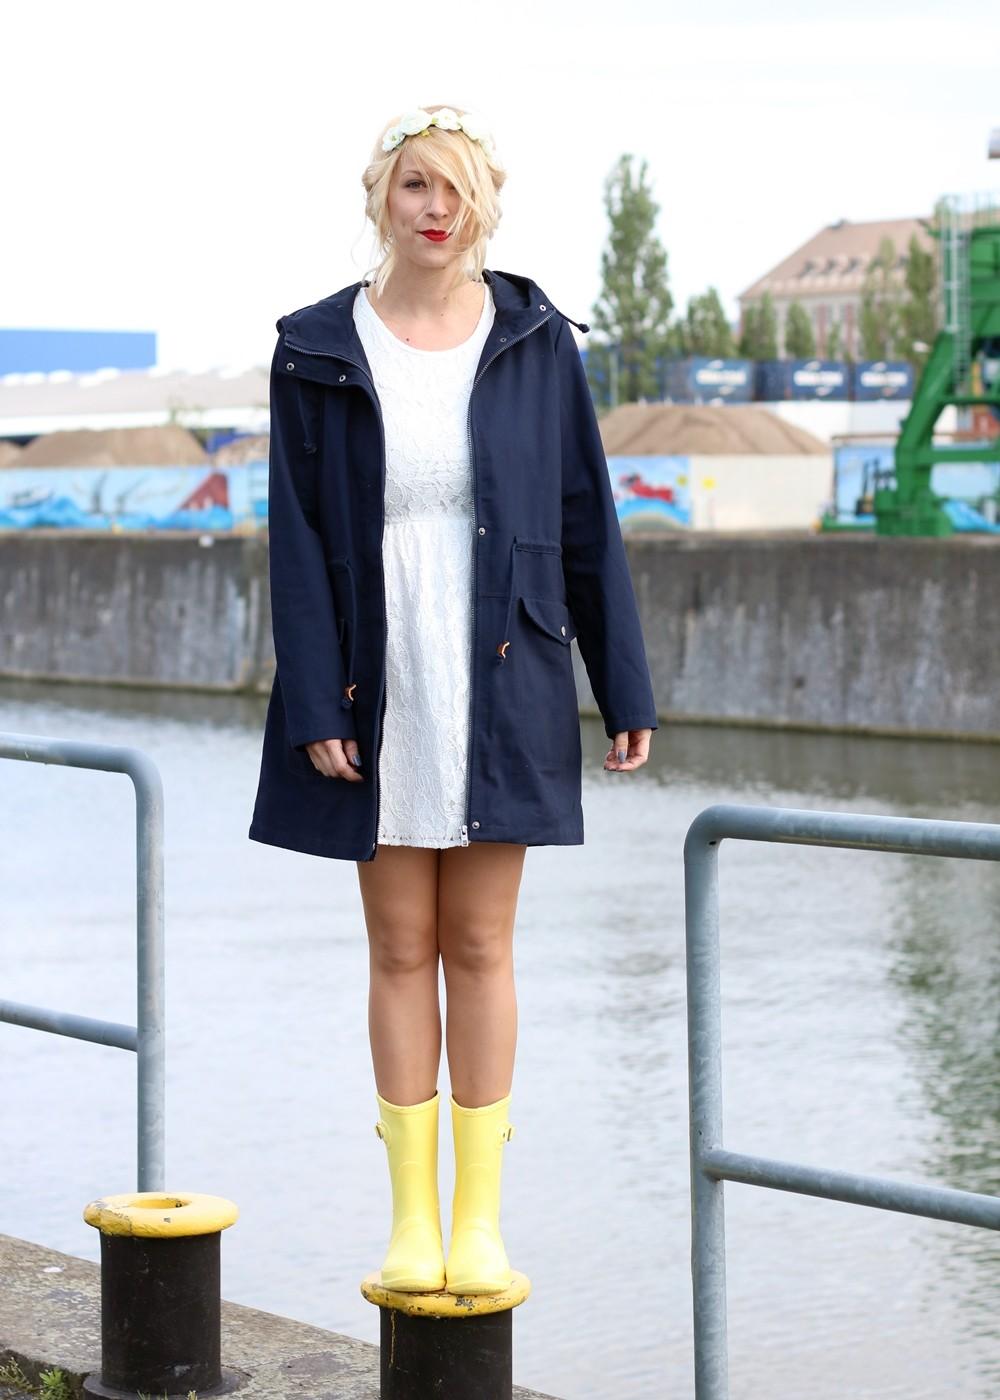 Fashionblogger Outfit Gummistiefel Asos Spitzenkleid blauer Parka Blumenhaarband (11)